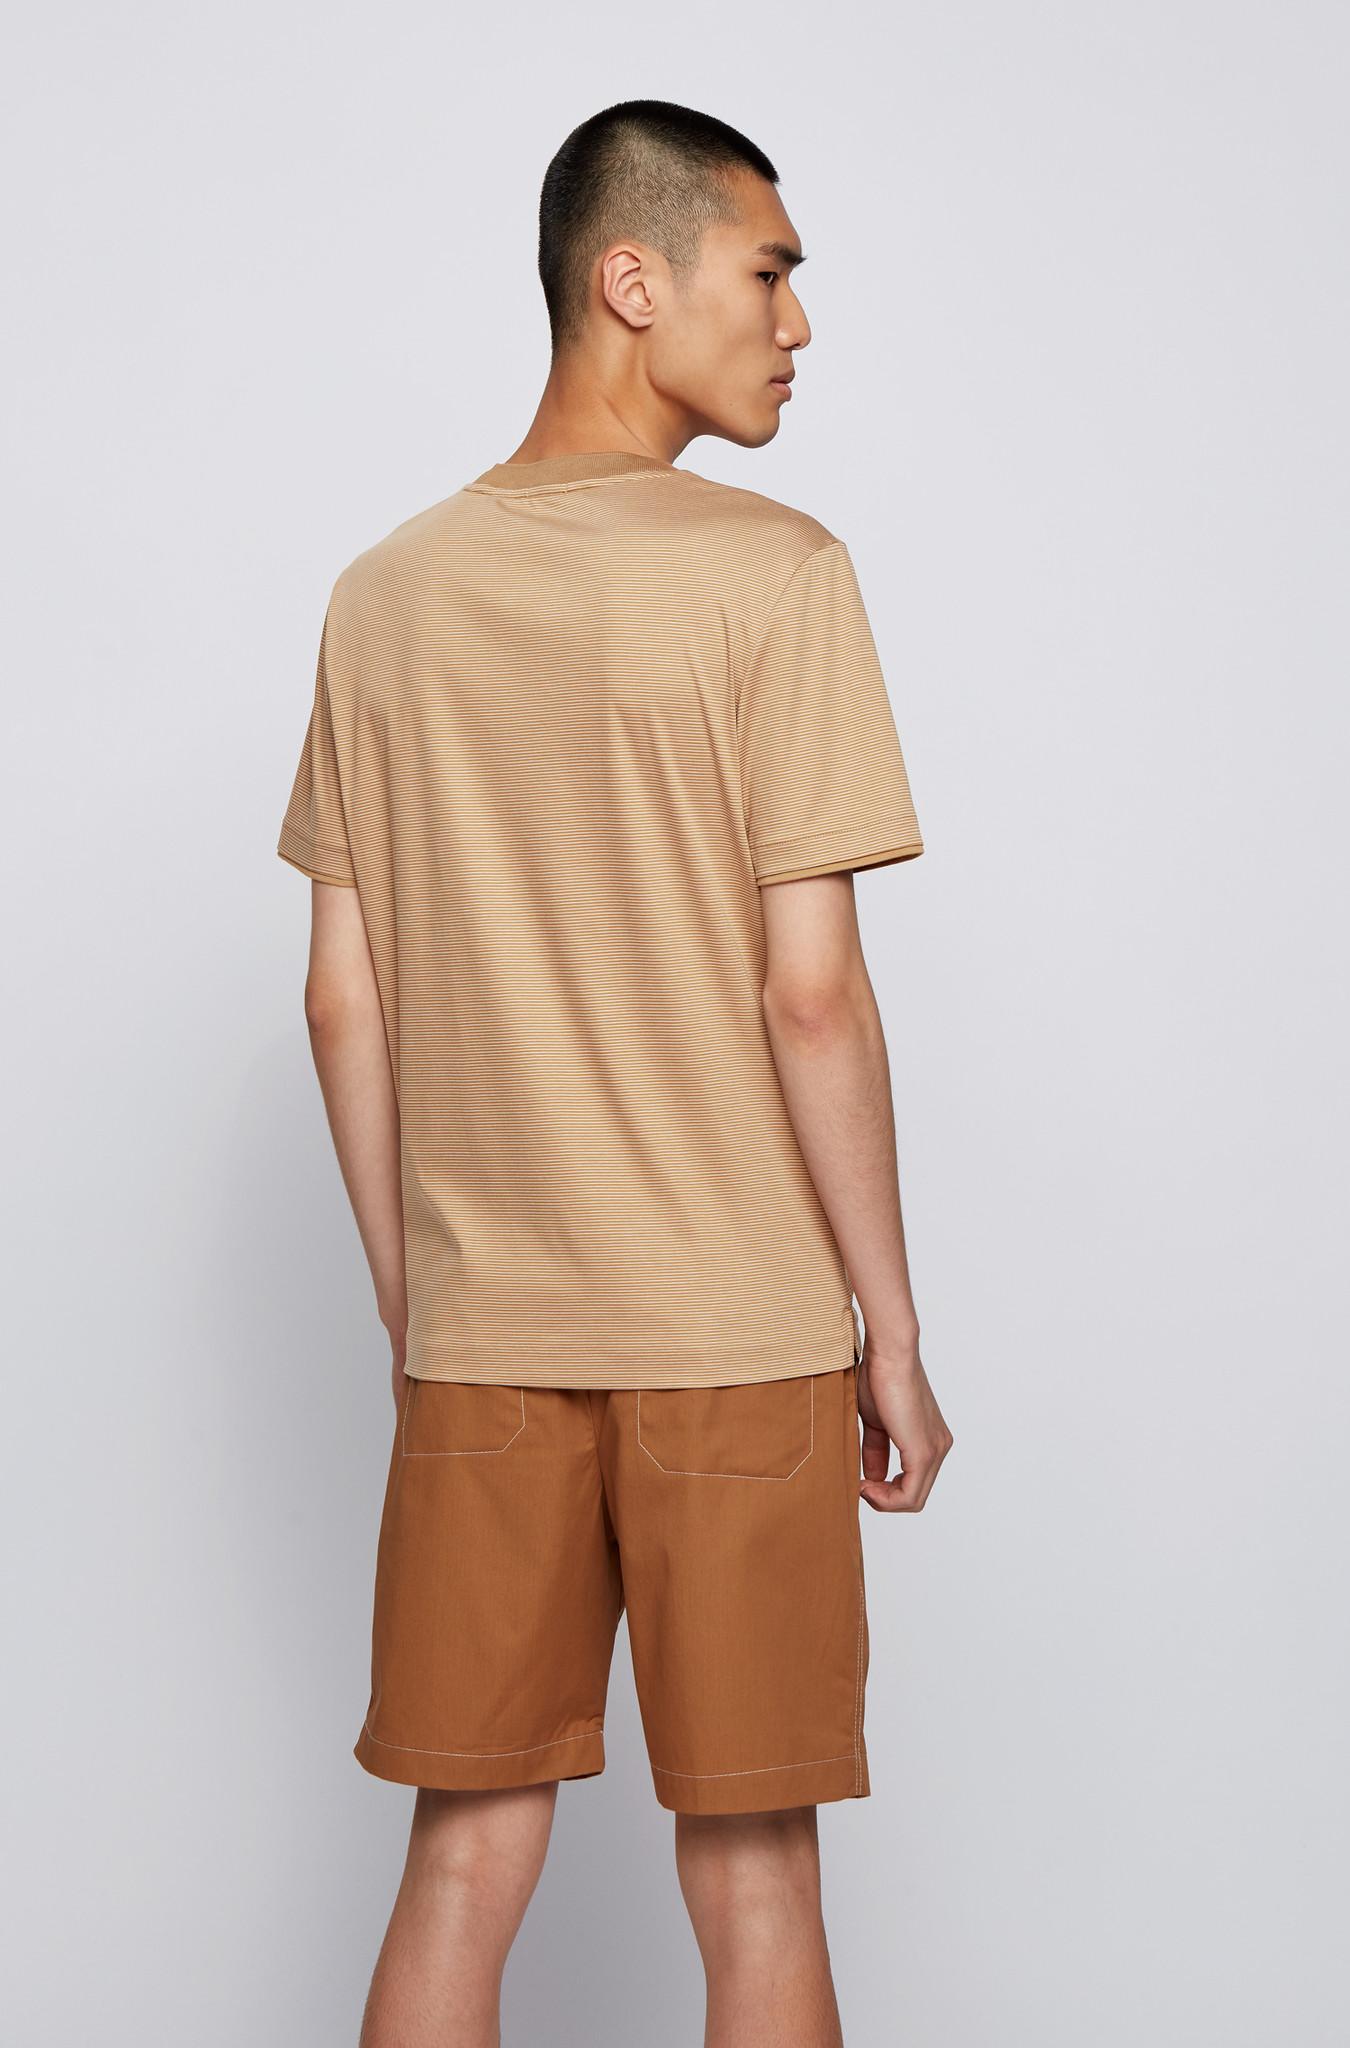 Hugo Boss T-shirt Hugo Boss 50449909-268